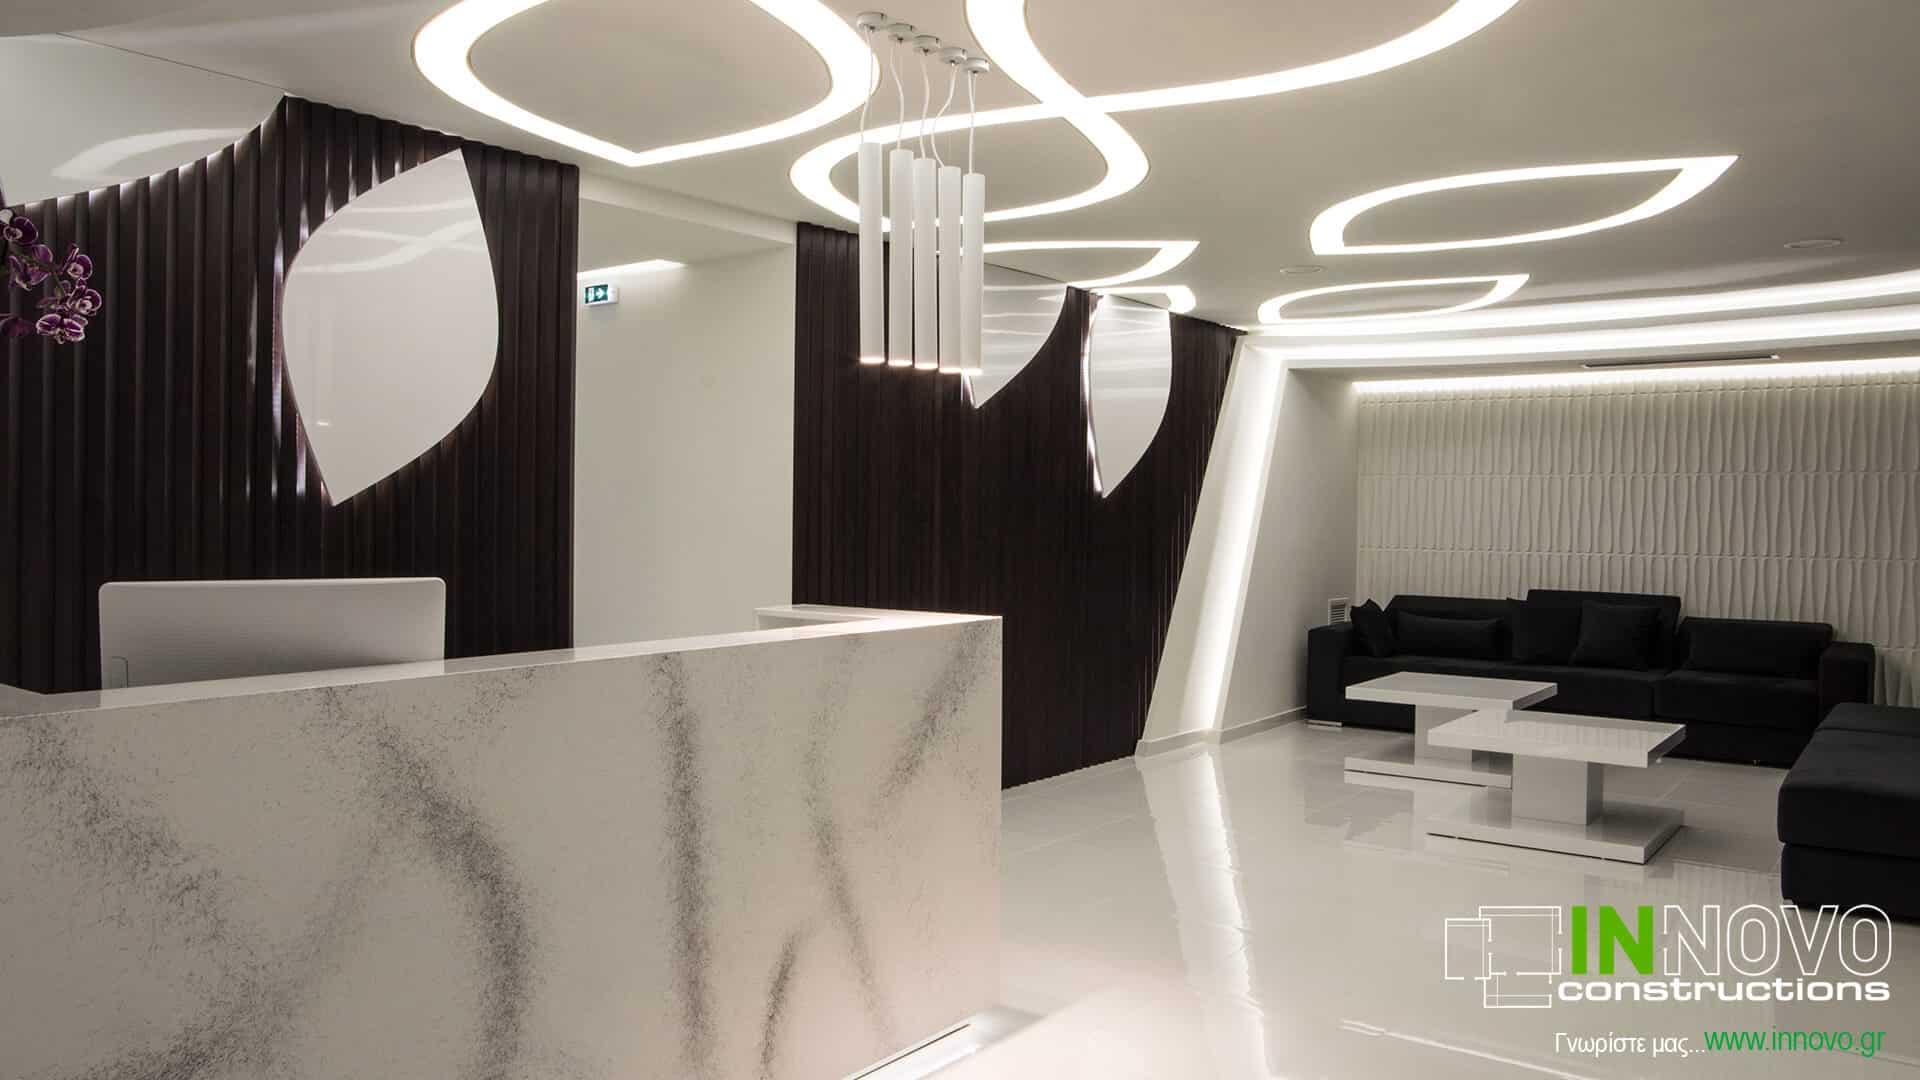 Από την Innovo κατασκευή επίπλωσης Ιατρείου Πλαστικής